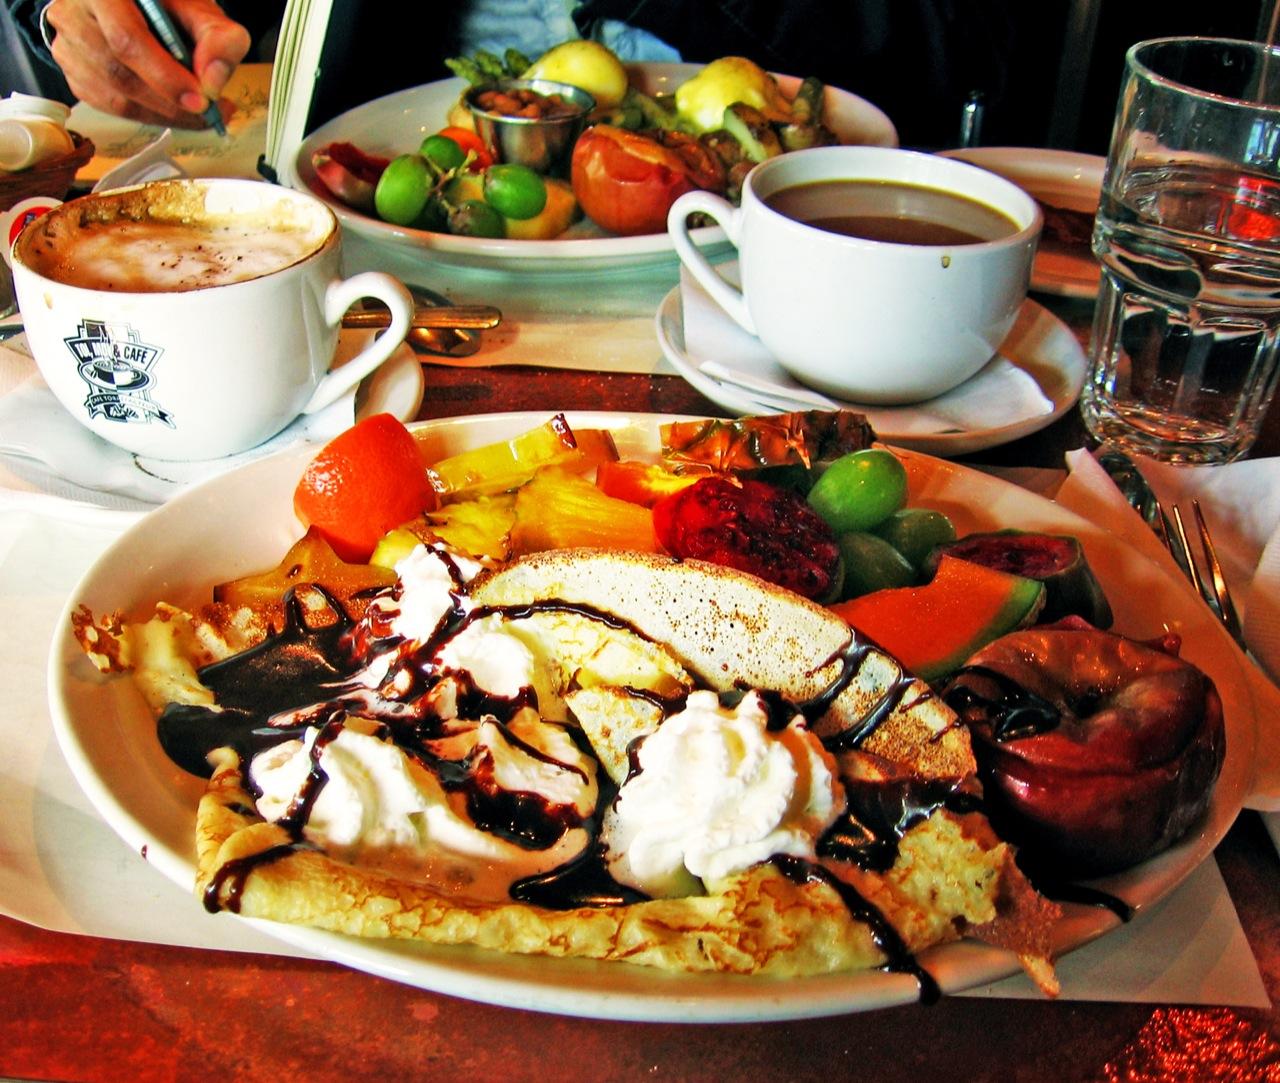 Fond D écran Dessin Aliments Café Canada Restaurant